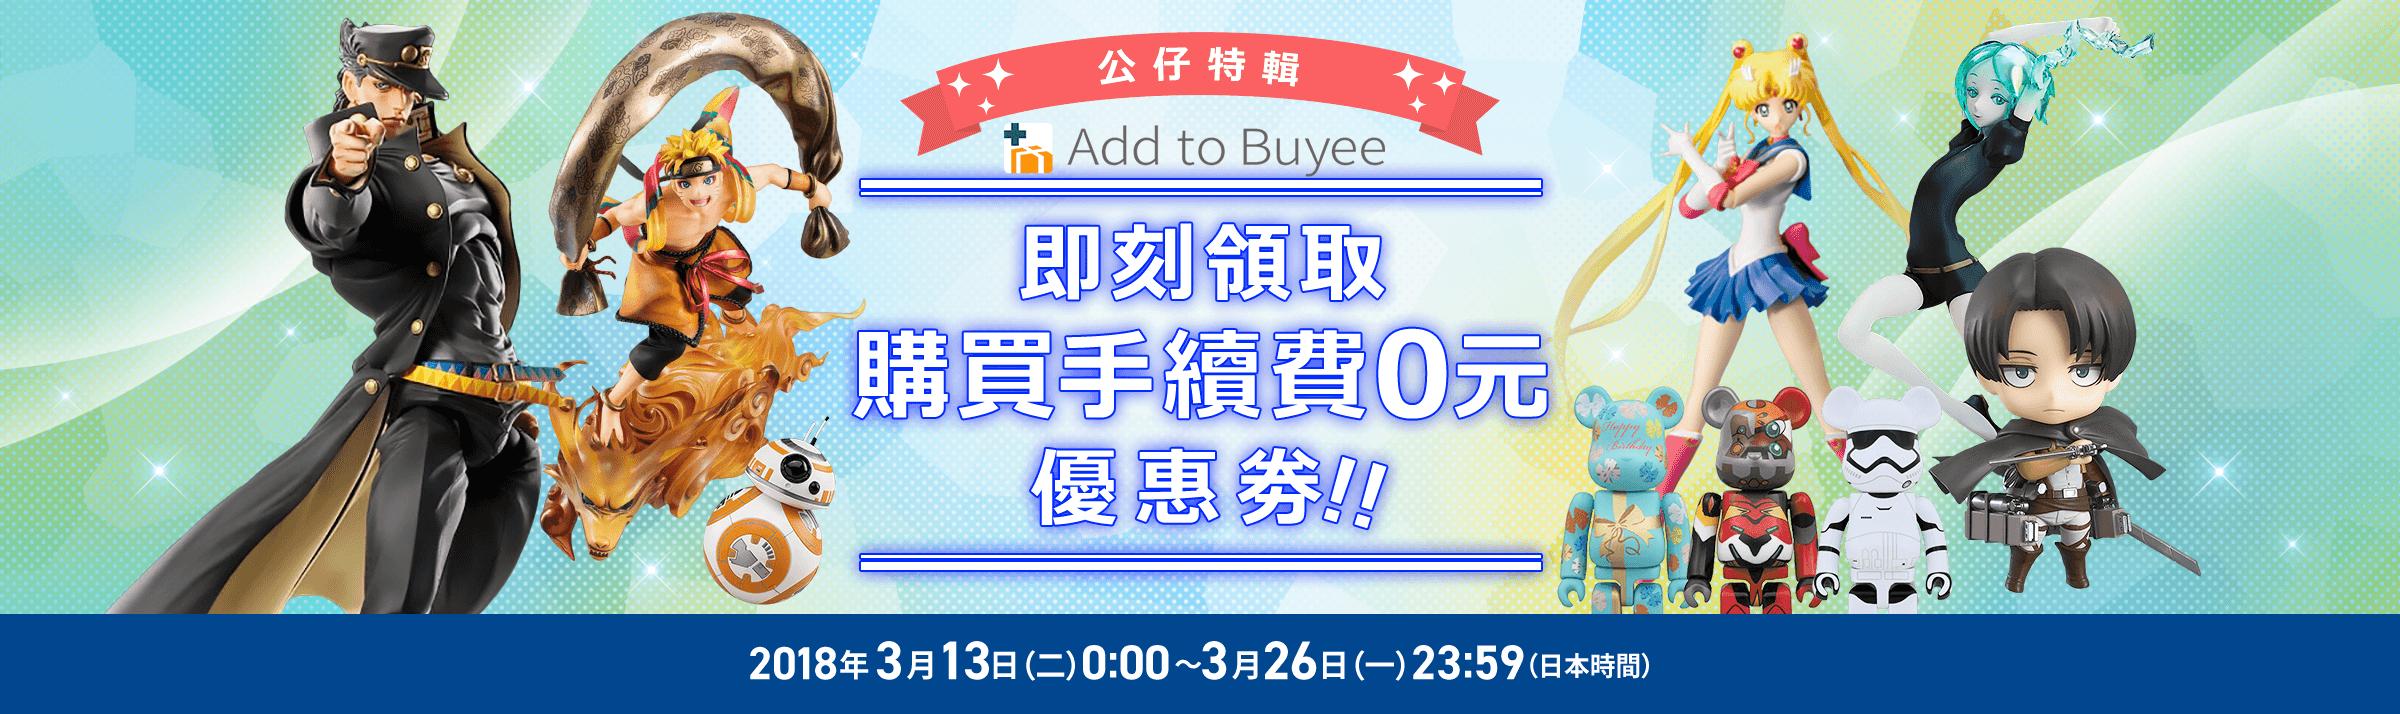 公仔特輯!! 免購買手續費優惠券大放送!!